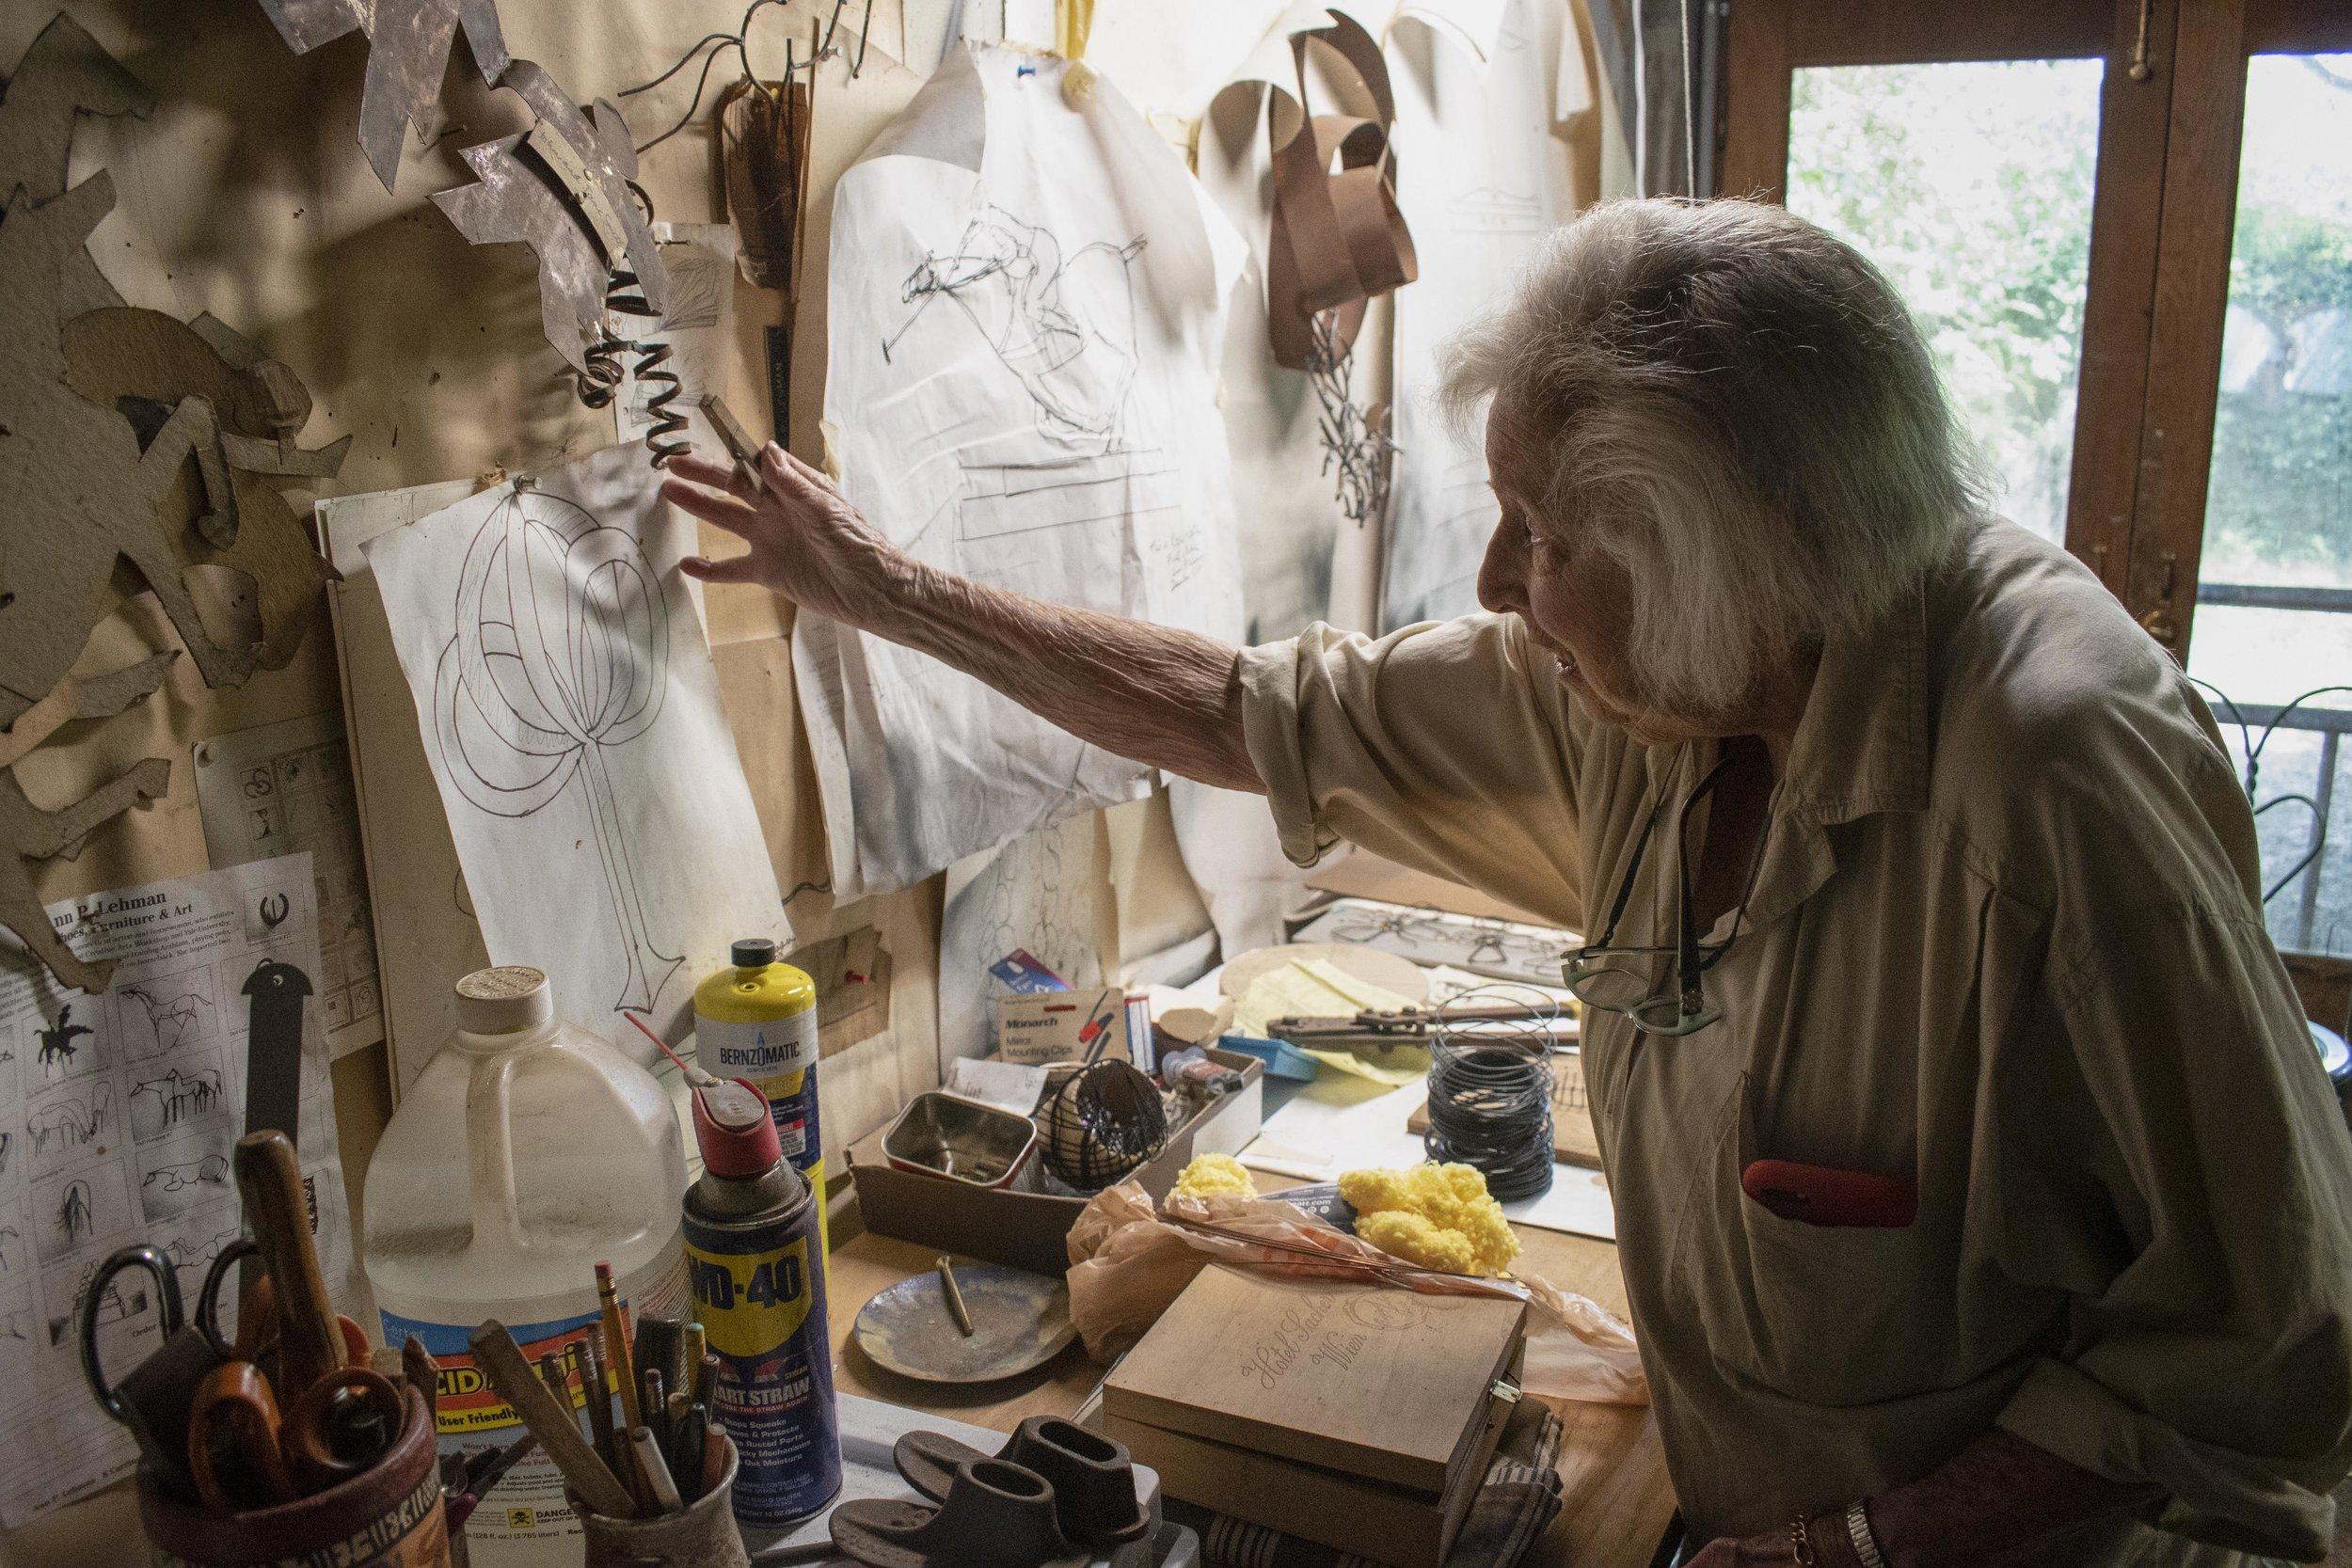 Ann Lehman inside her studio. Photo: J. Gleisner.